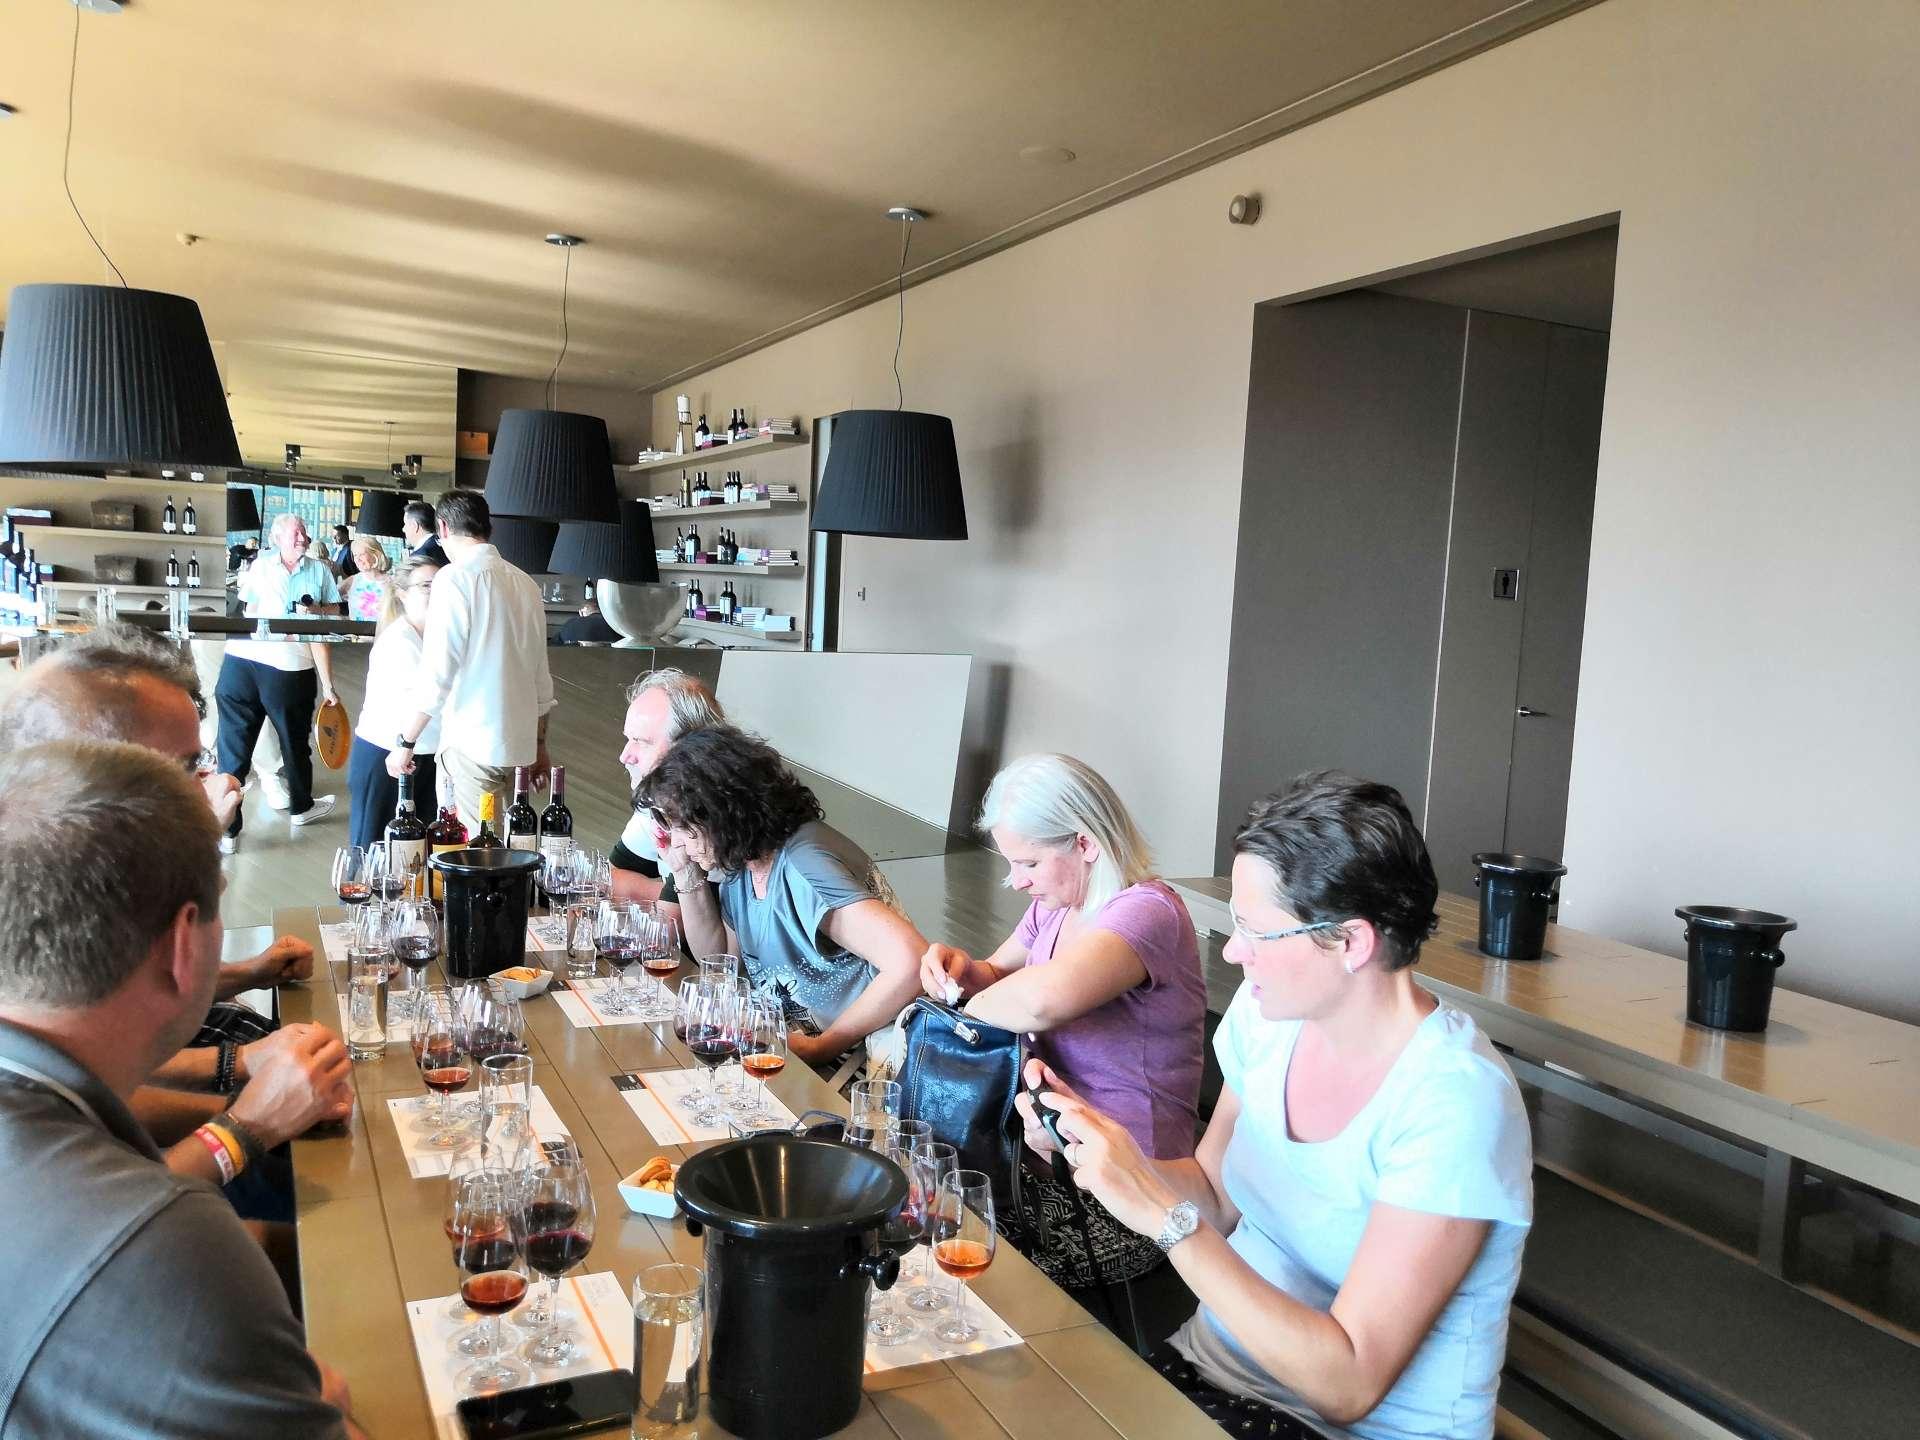 V Quinta do Seixo se nám dostalo vřelého přivítání a prvotřídního servisu. Ochutnali jsme 2 tichá vína a 3 vzorečky portského od Sandemana. Cestu sem rozhodně doporučuji!